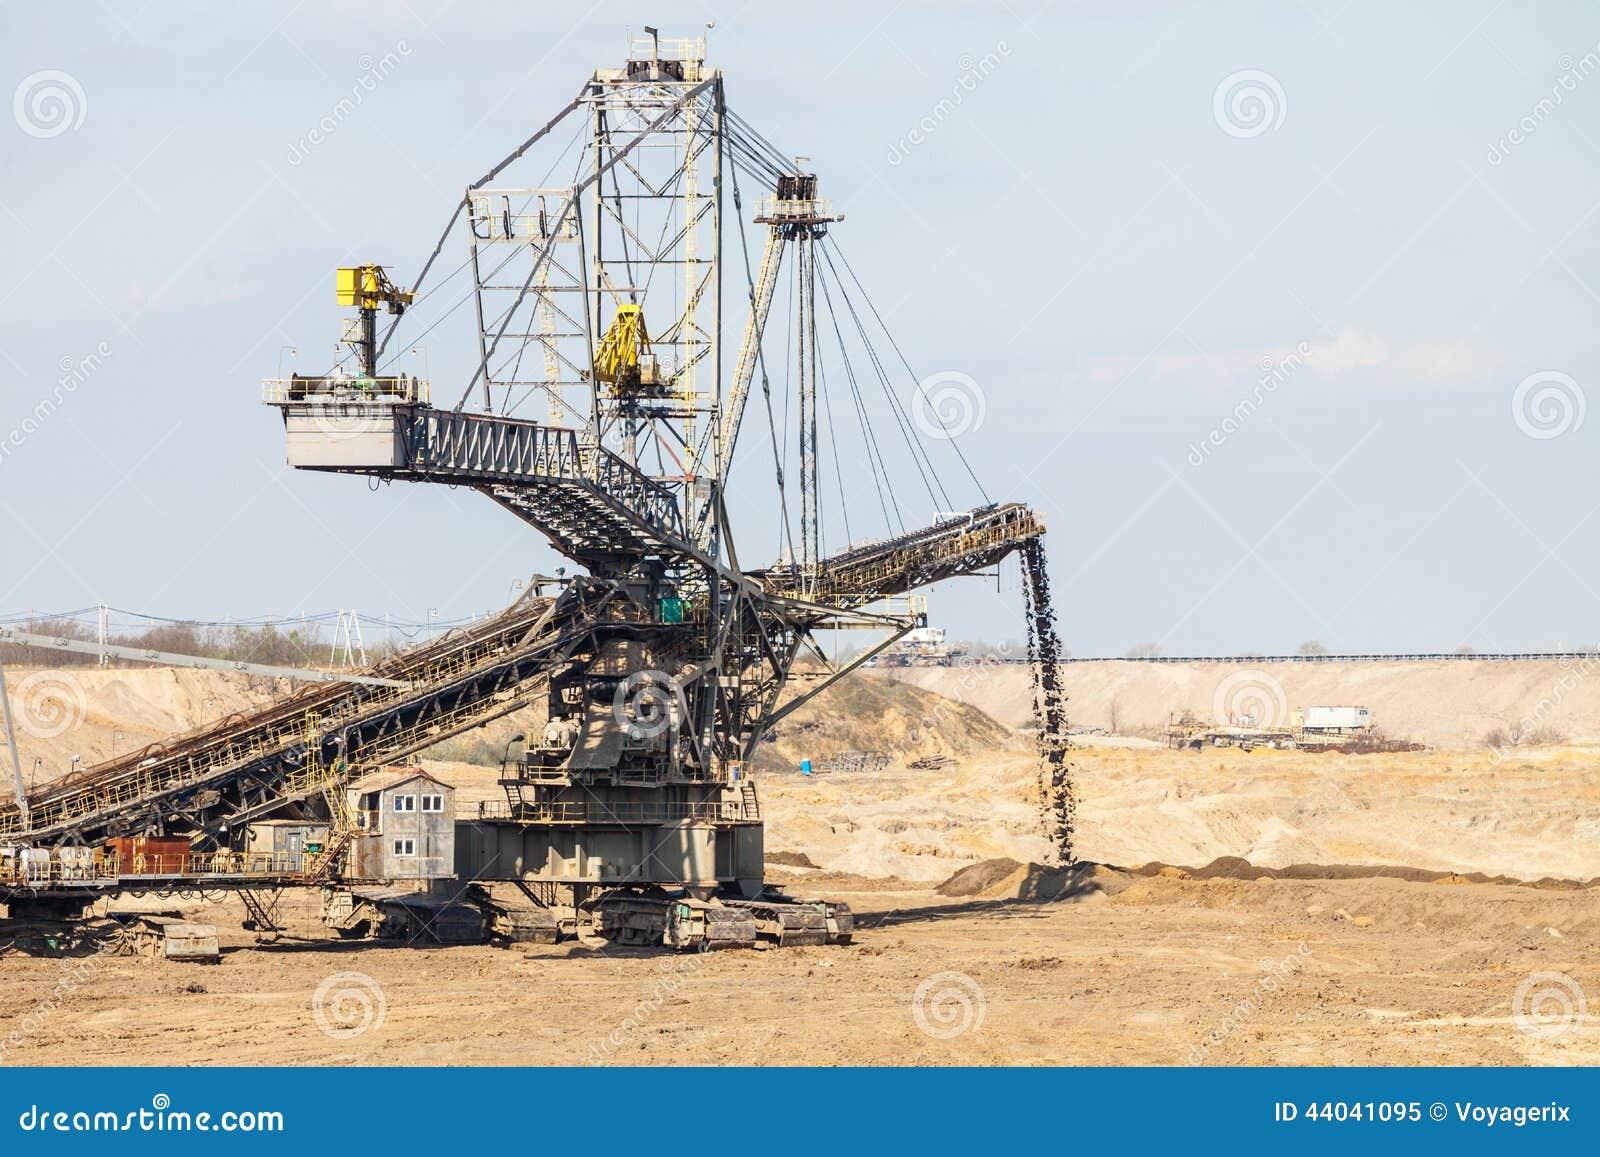 giant excavator - photo #38